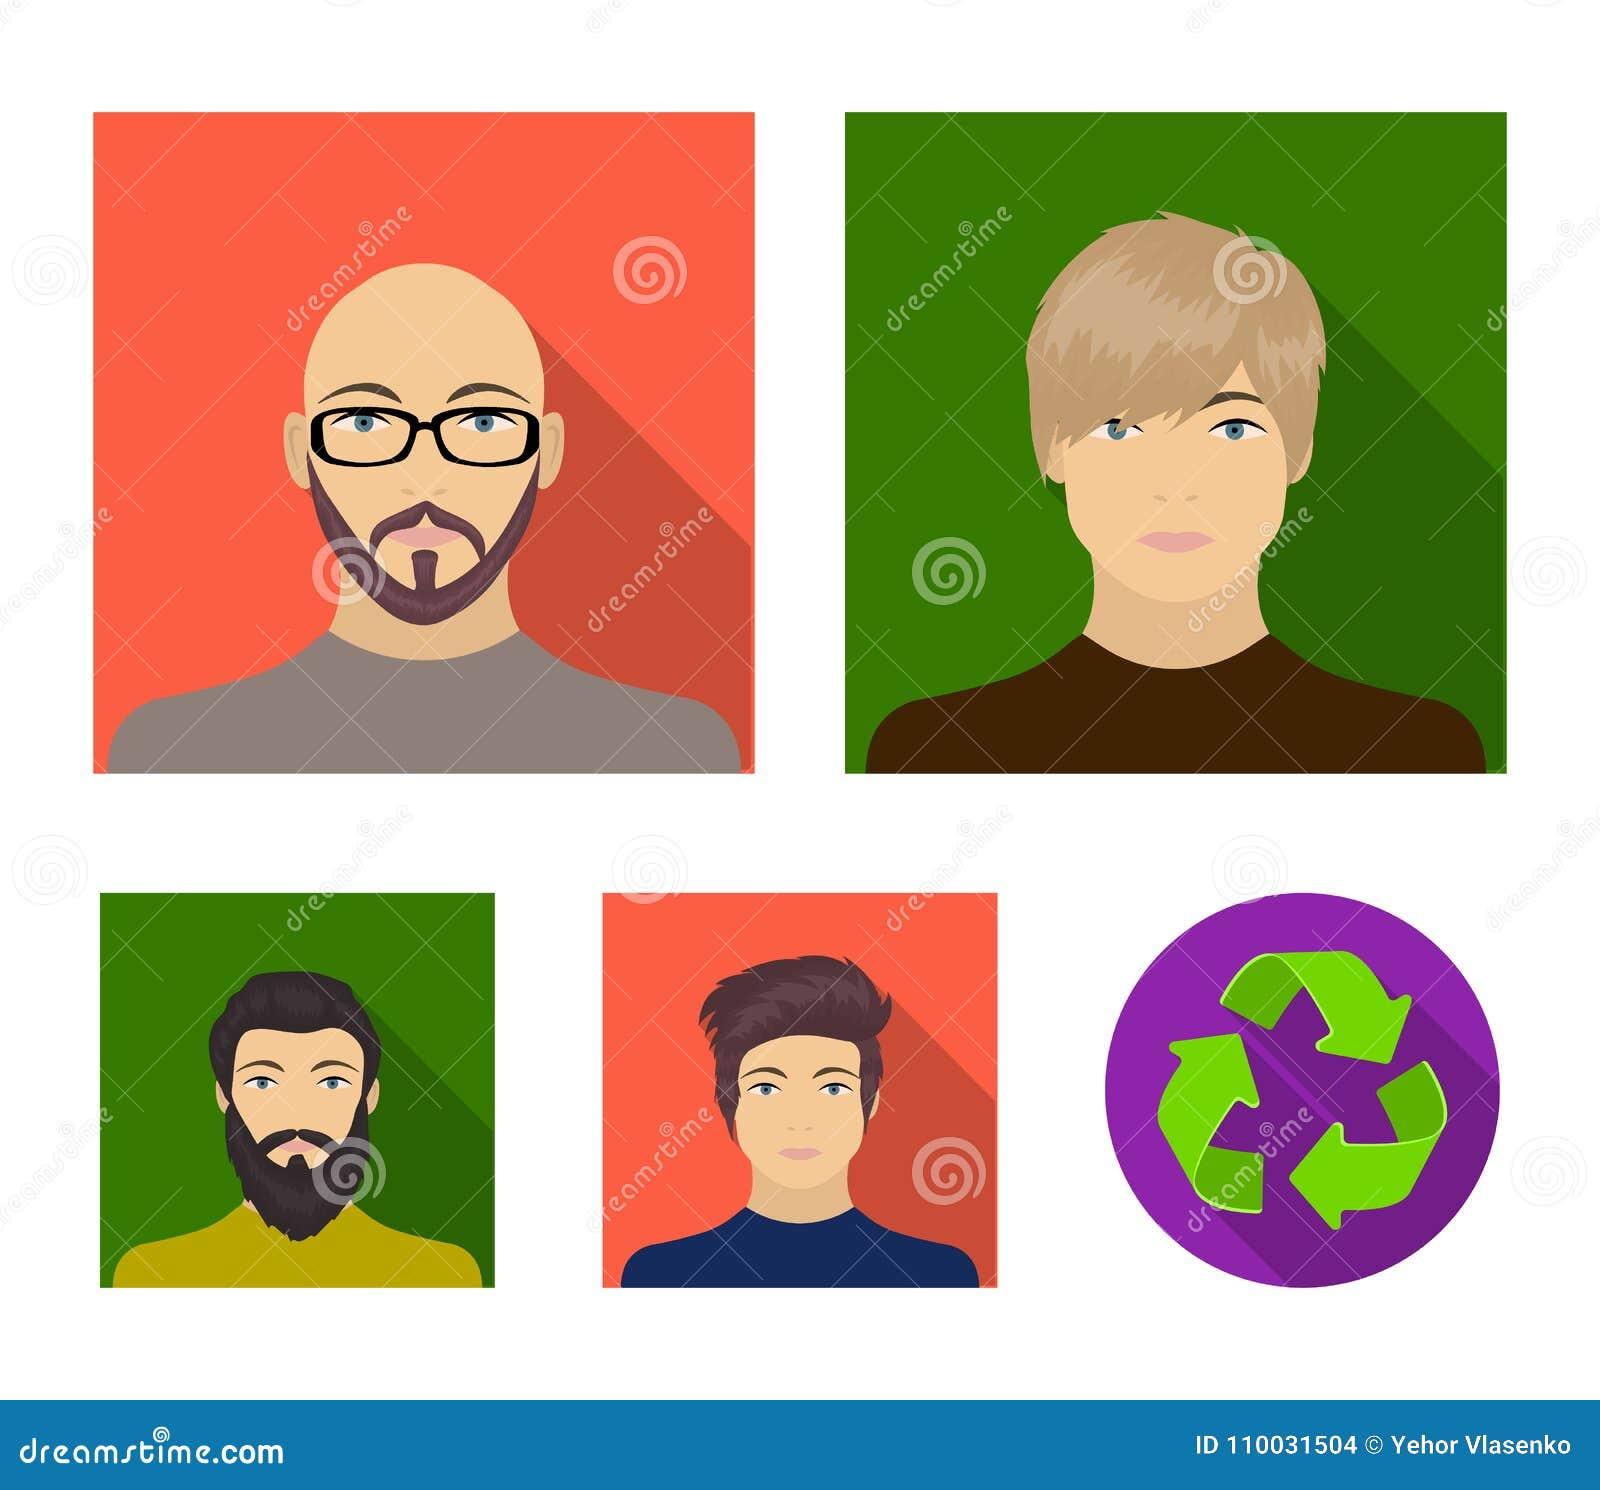 Het gezicht van een Kale mens met glazen en een baard, een gebaarde mens, de verschijning van een kerel met een kapsel Gezicht en